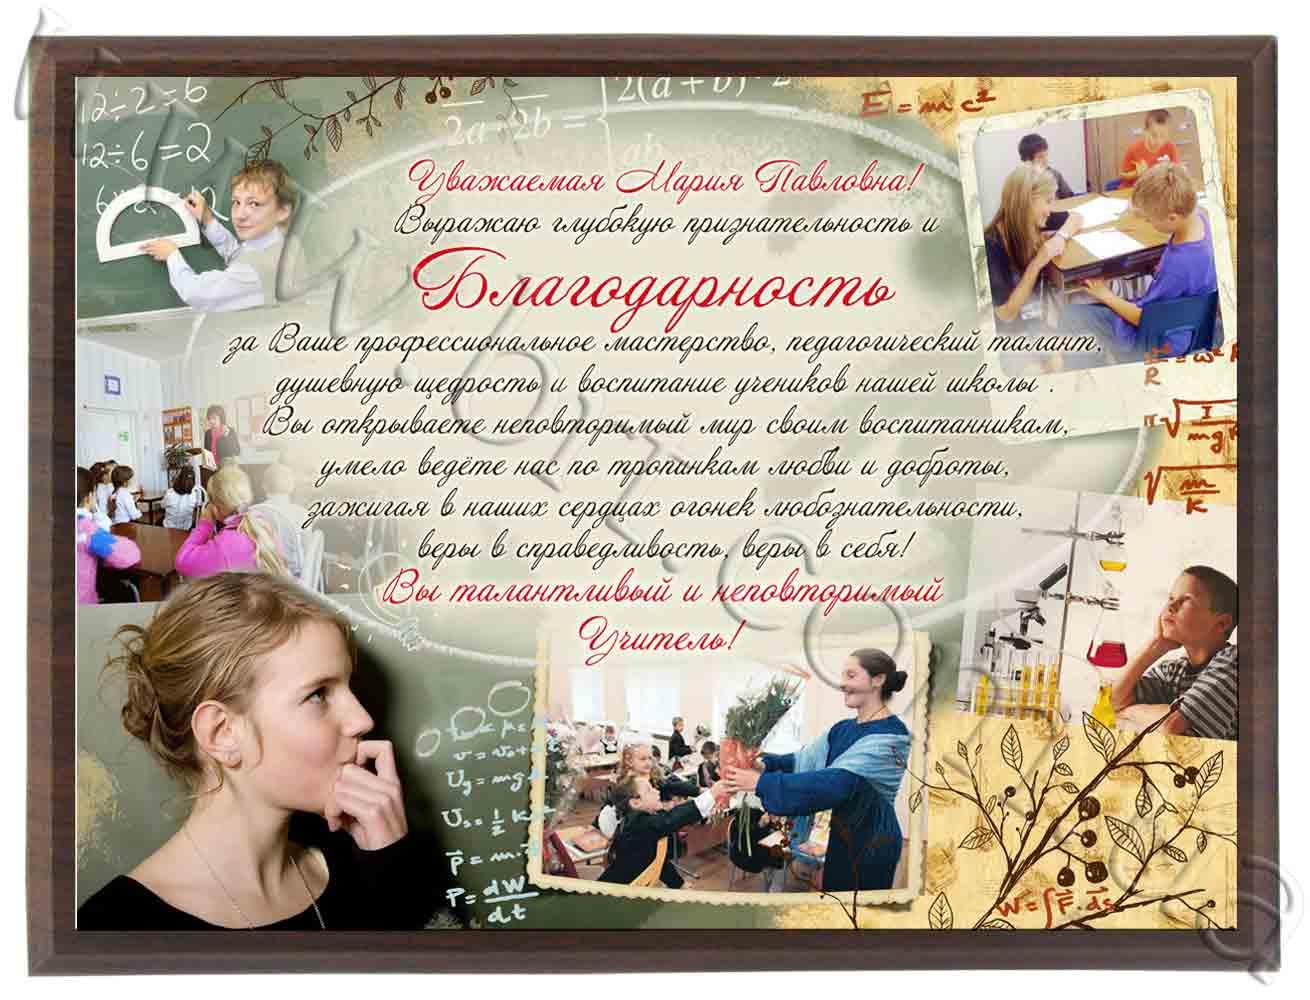 Прикольные дипломы шуточные дипломы Бюро рекламных технологий диплом для награждения · благодарность учителям